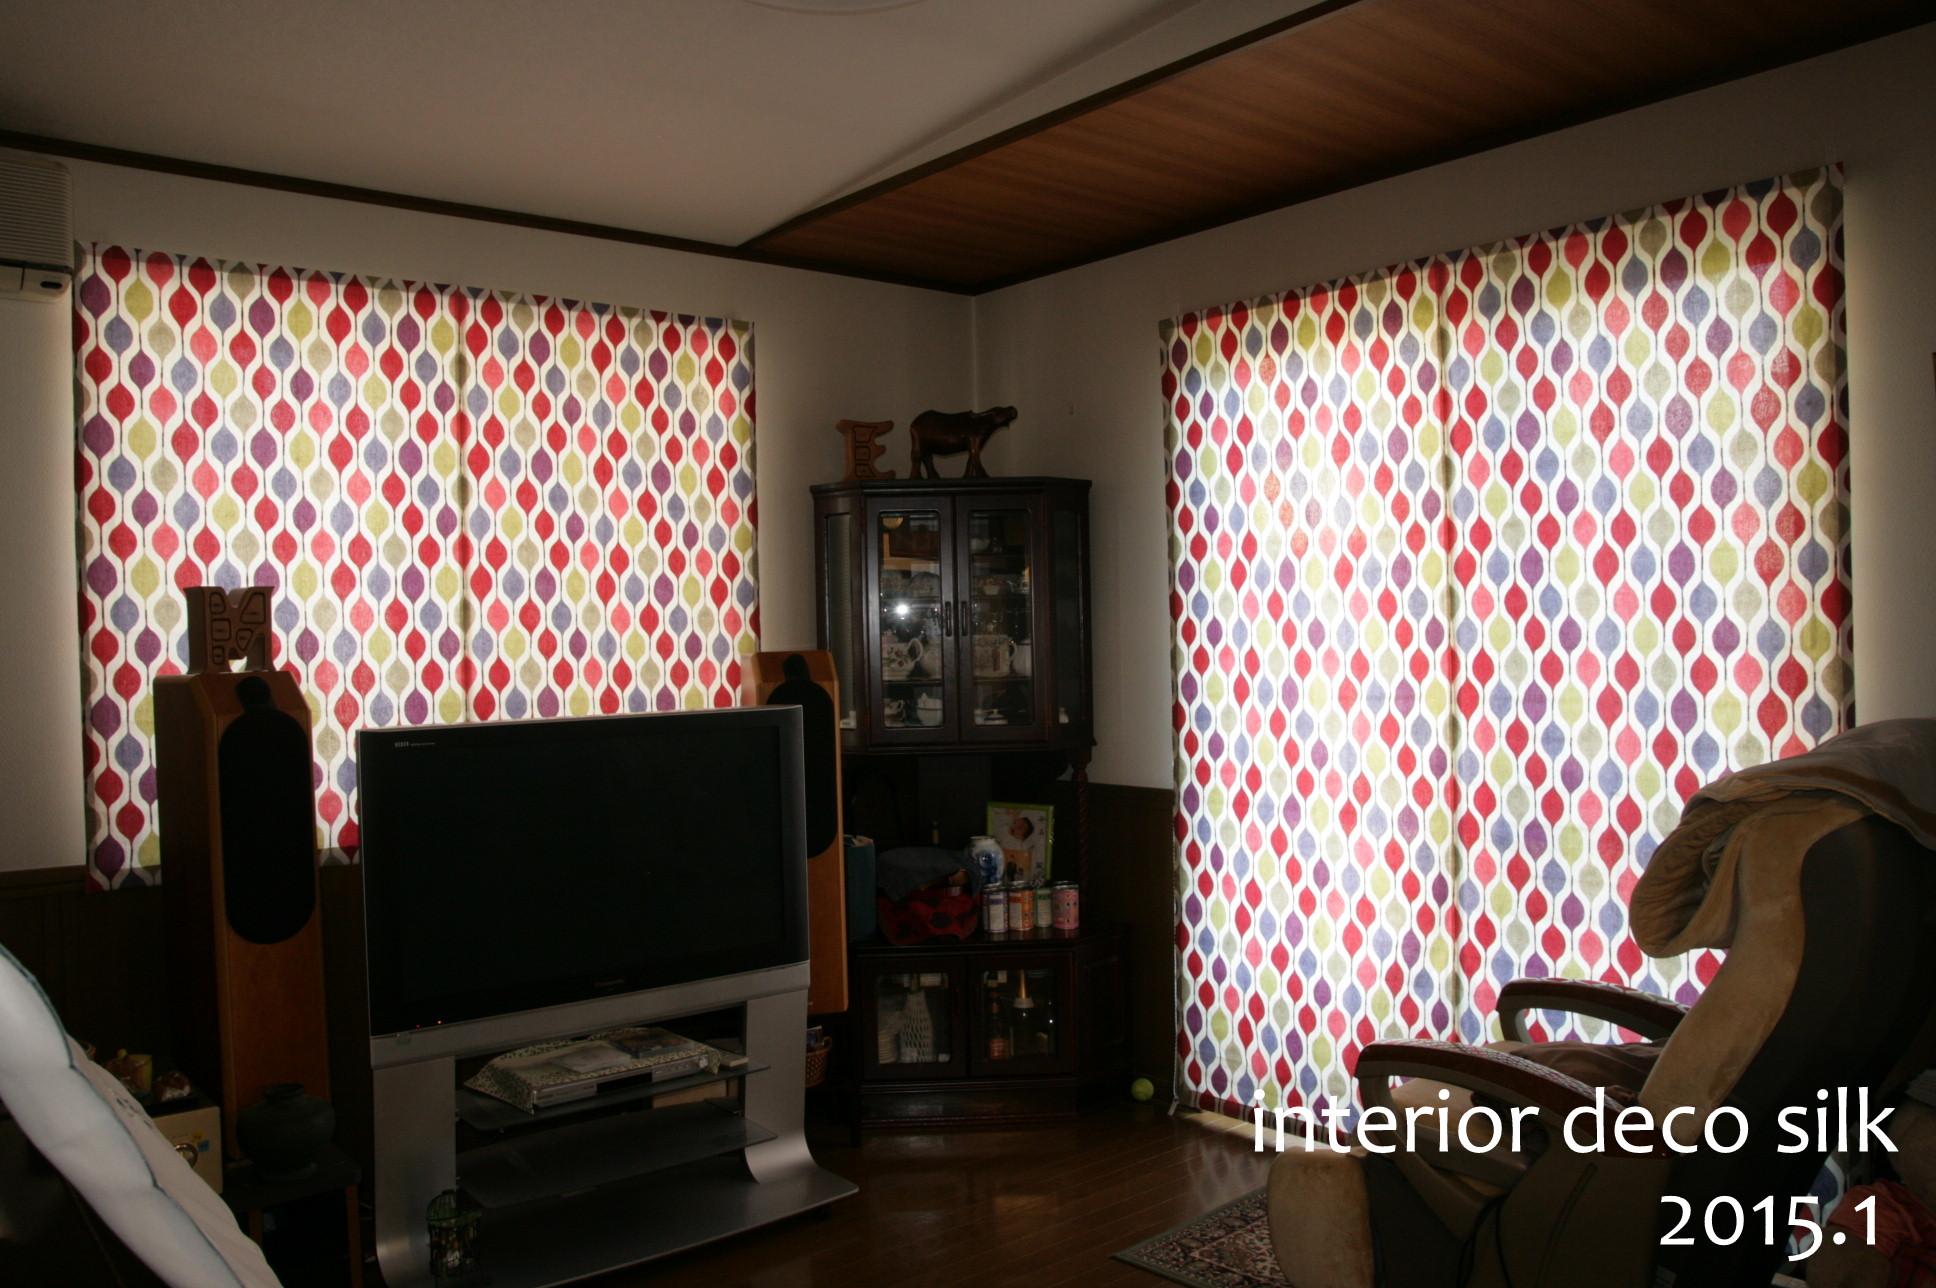 部屋の印象をリフレッシュするのに、カーテンは手軽で効果的